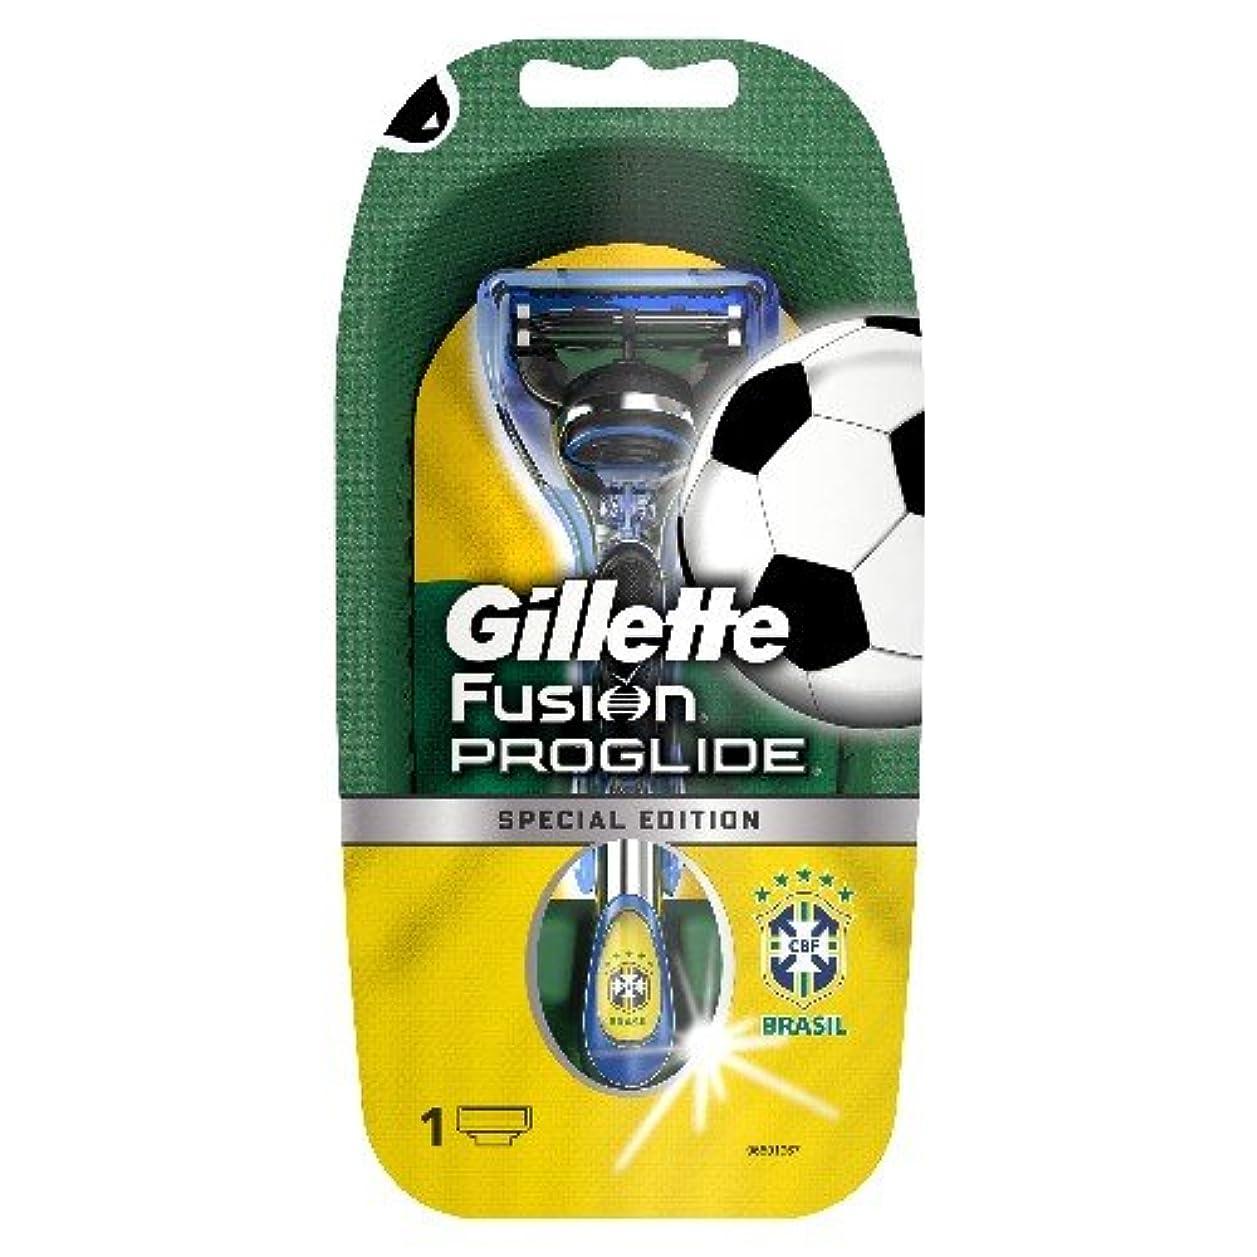 【数量限定品】 ジレット プログライド サッカーブラジルモデルホルダー